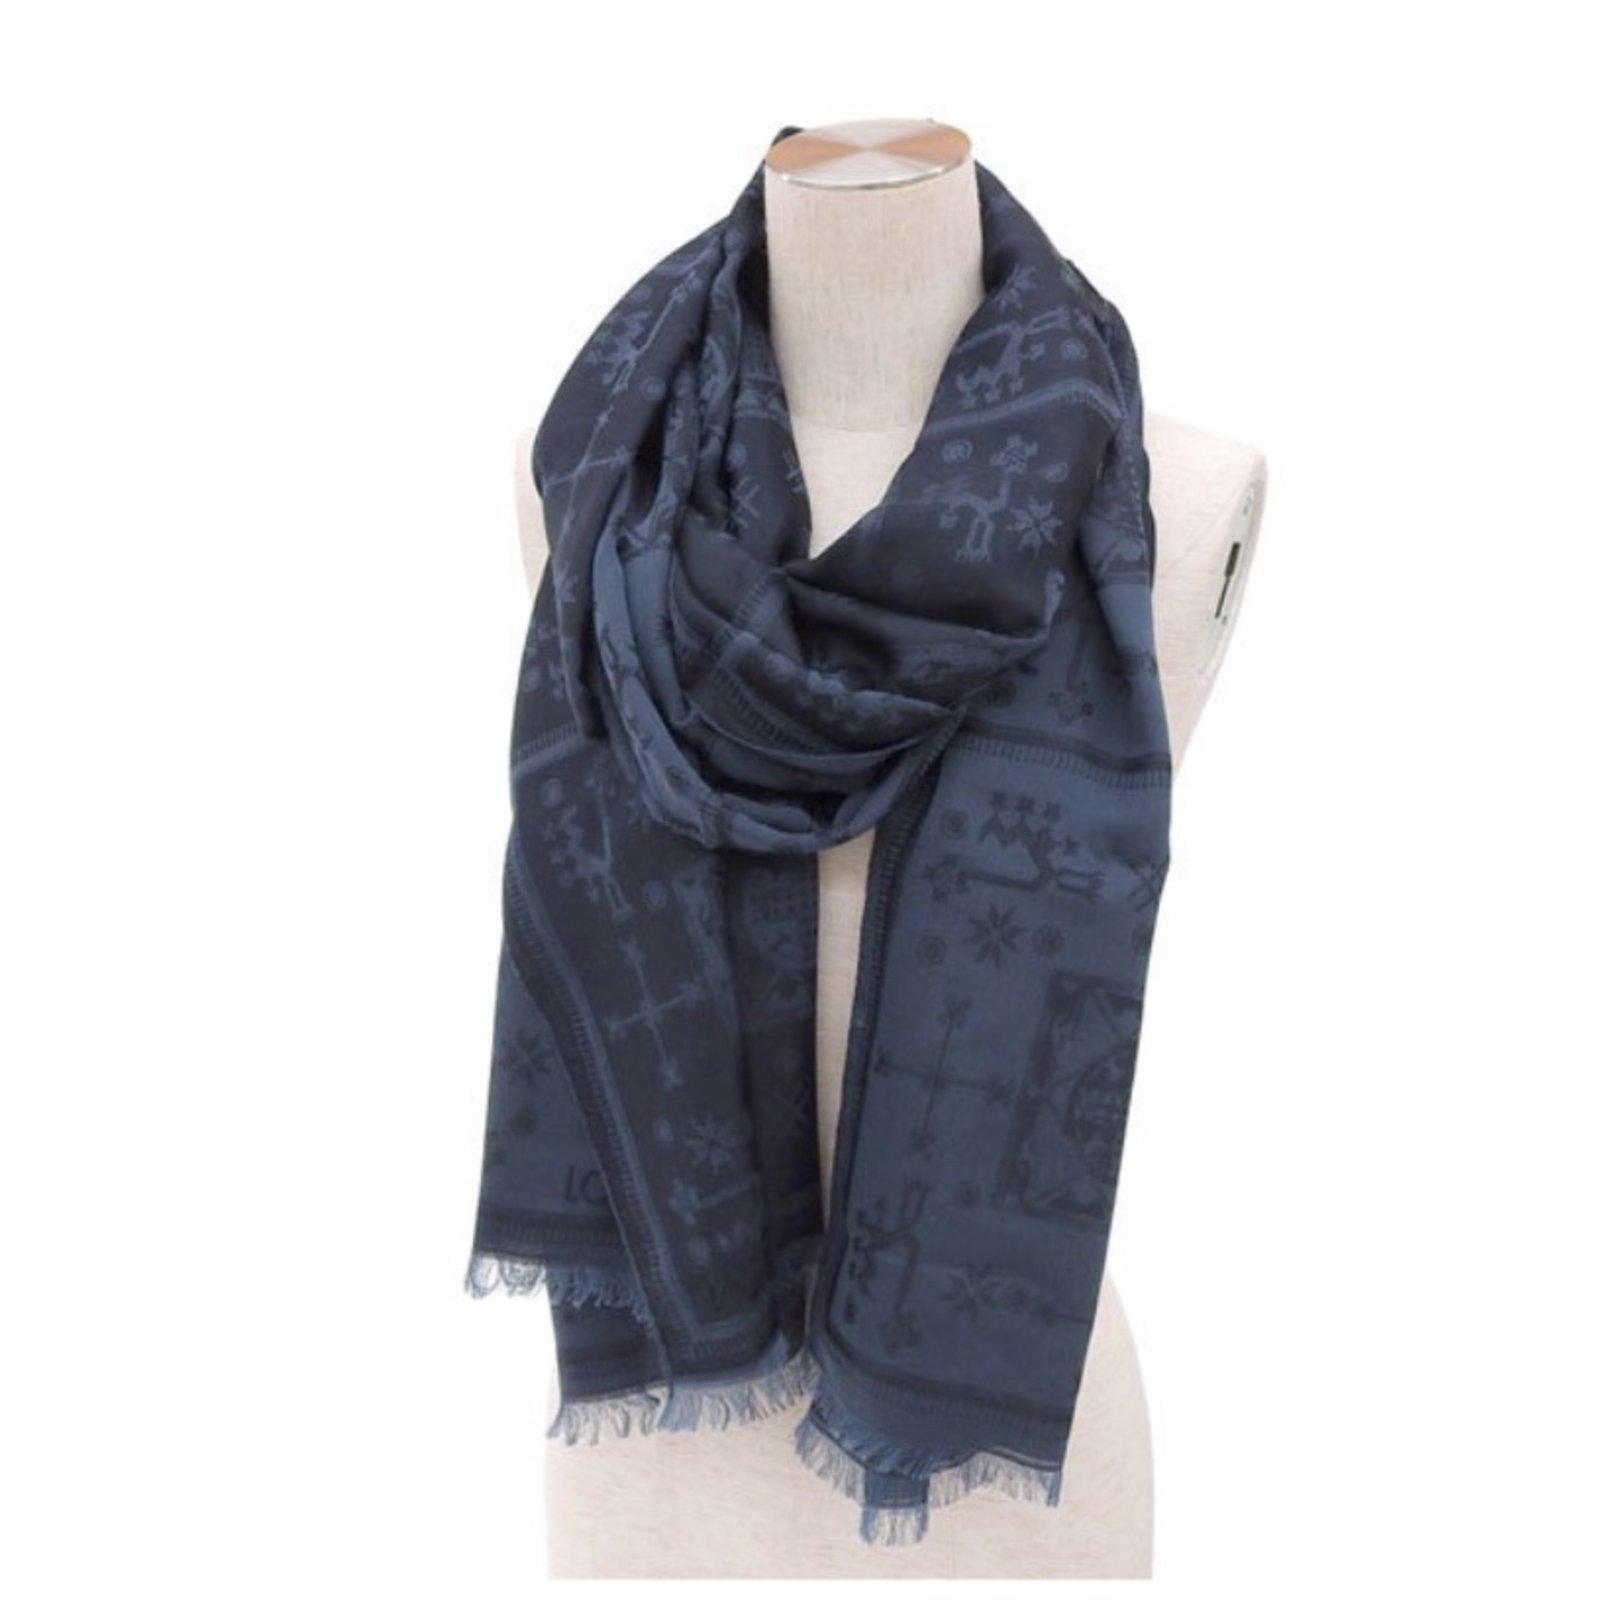 5af8e40cd819 Echarpes homme Louis Vuitton Echarpes homme Coton Bleu ref.71482 - Joli  Closet